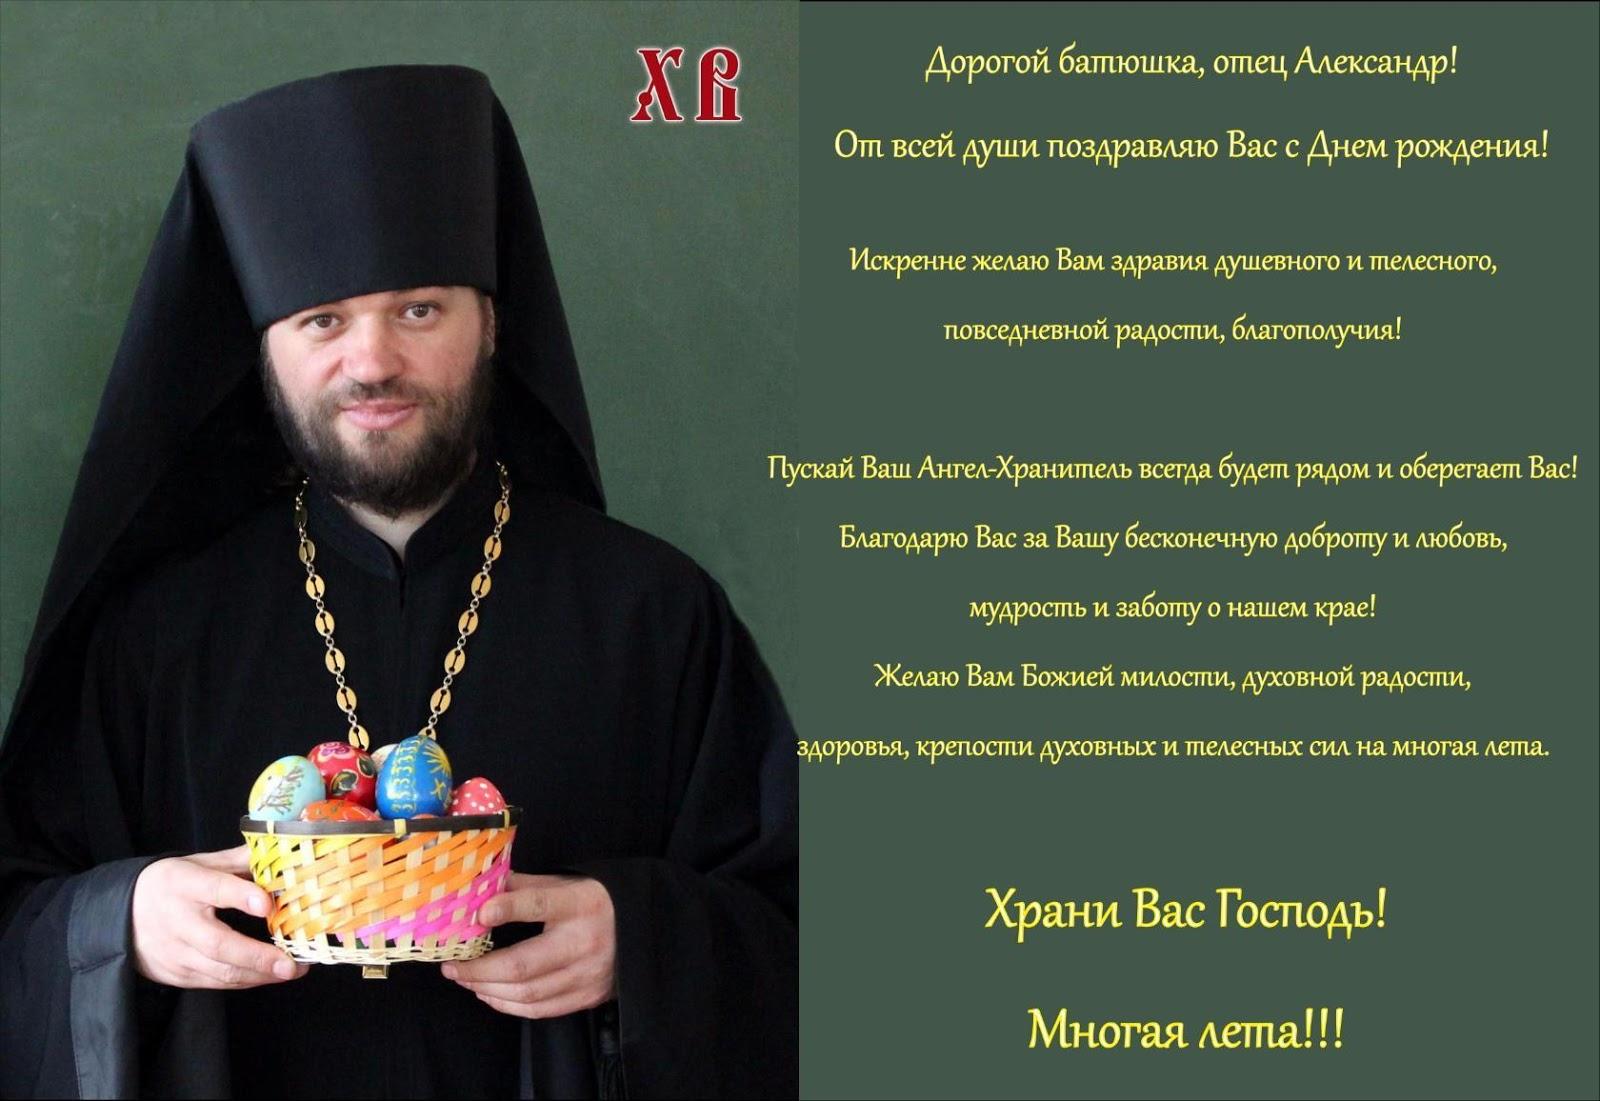 Многое лета текст поздравления священнику